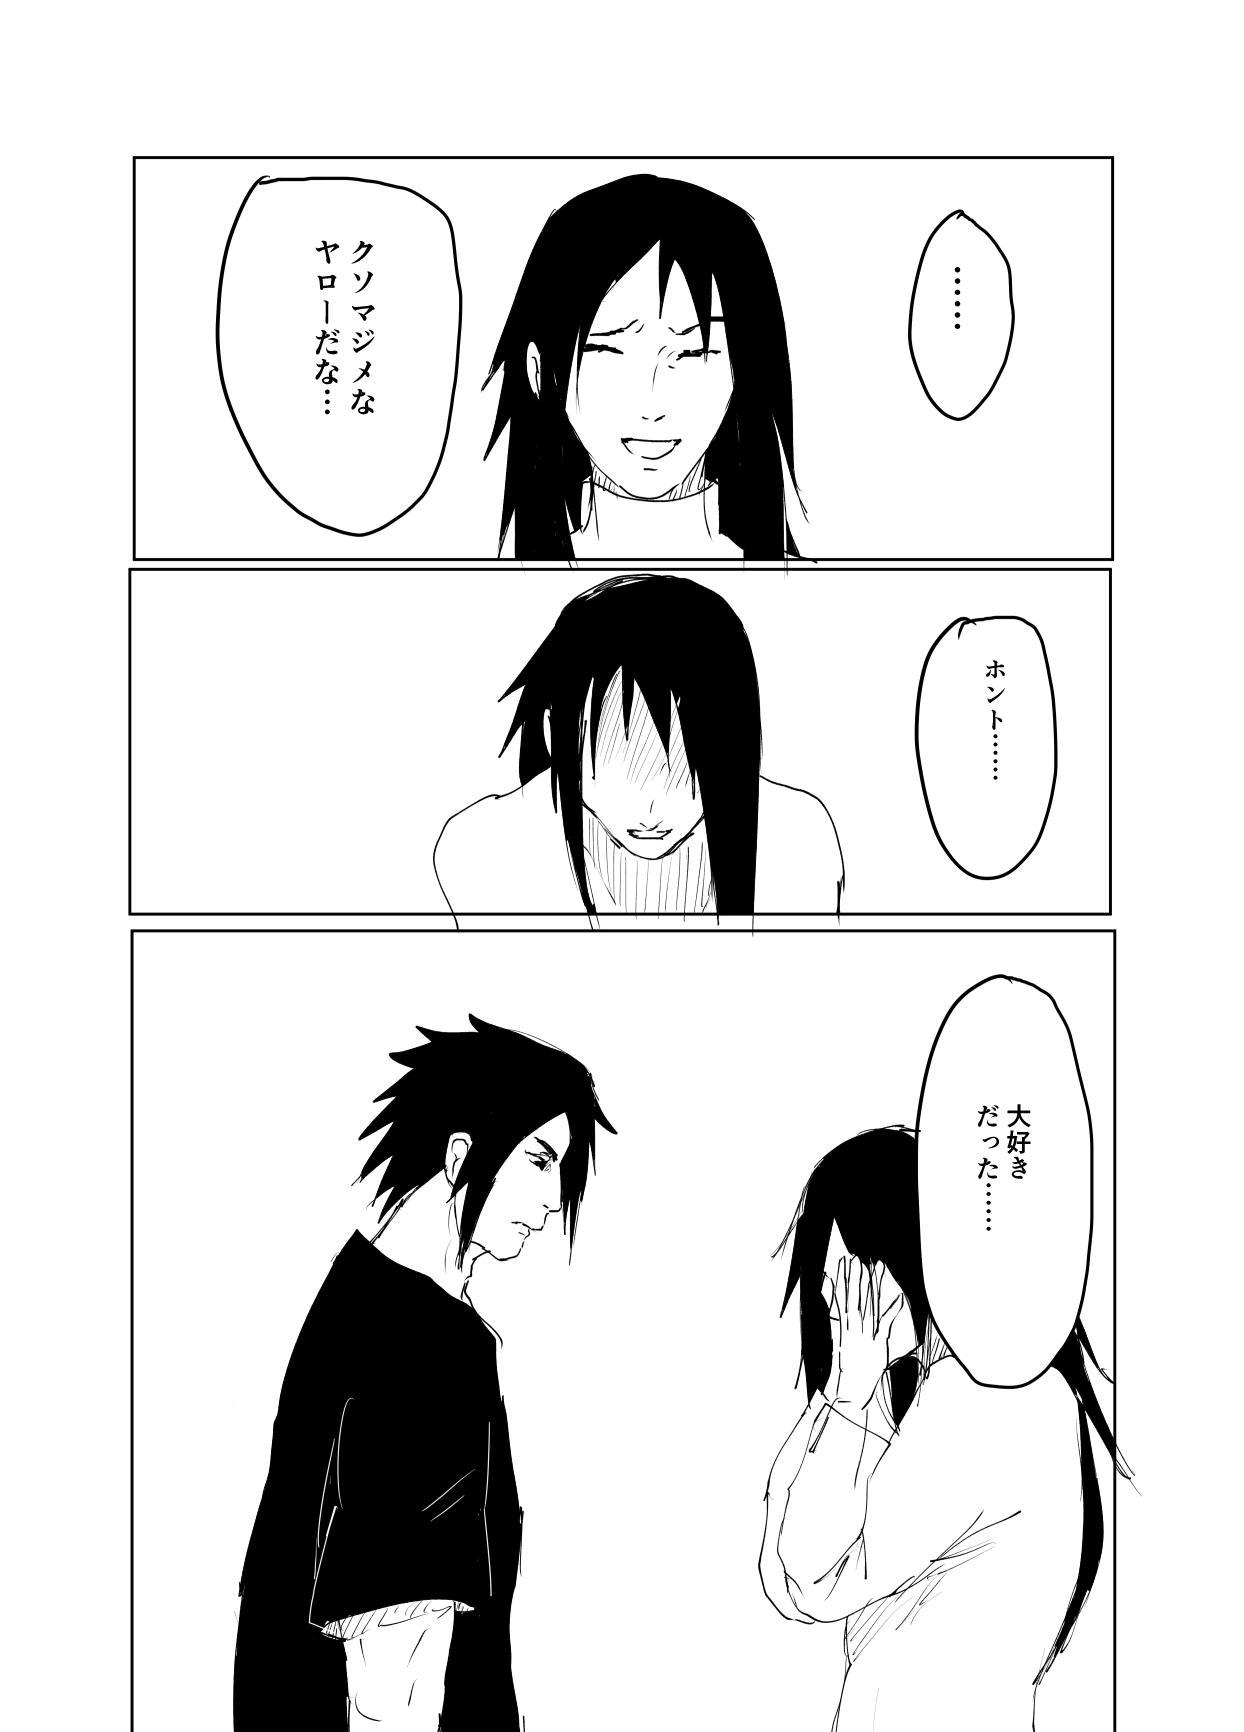 嘘告白漫画 38